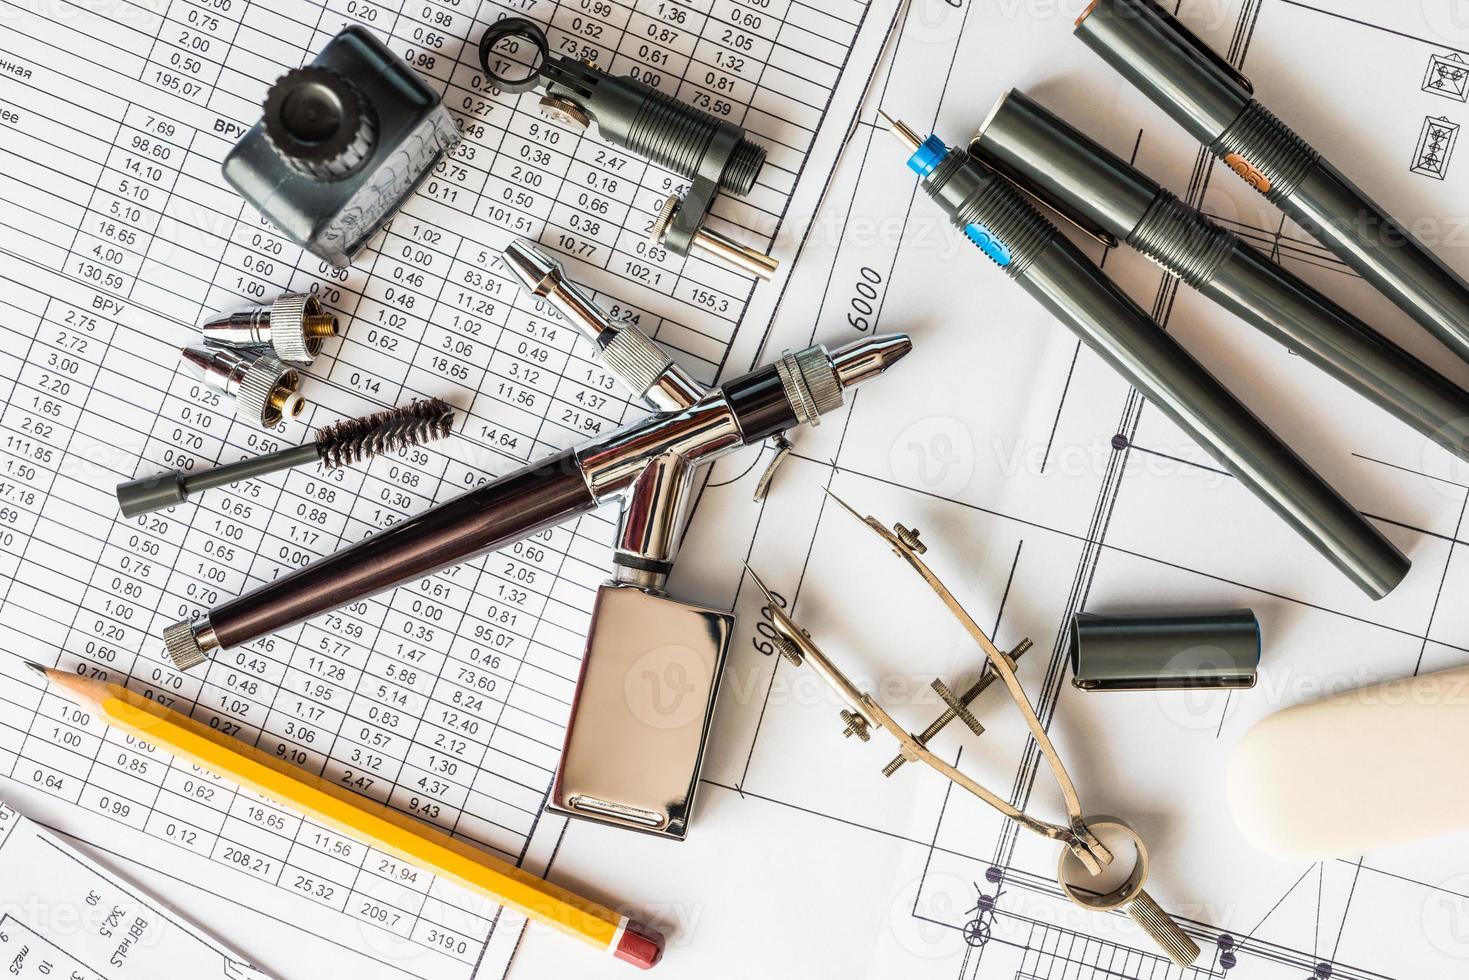 bureau de dessin avec des outils pour dessiner photo